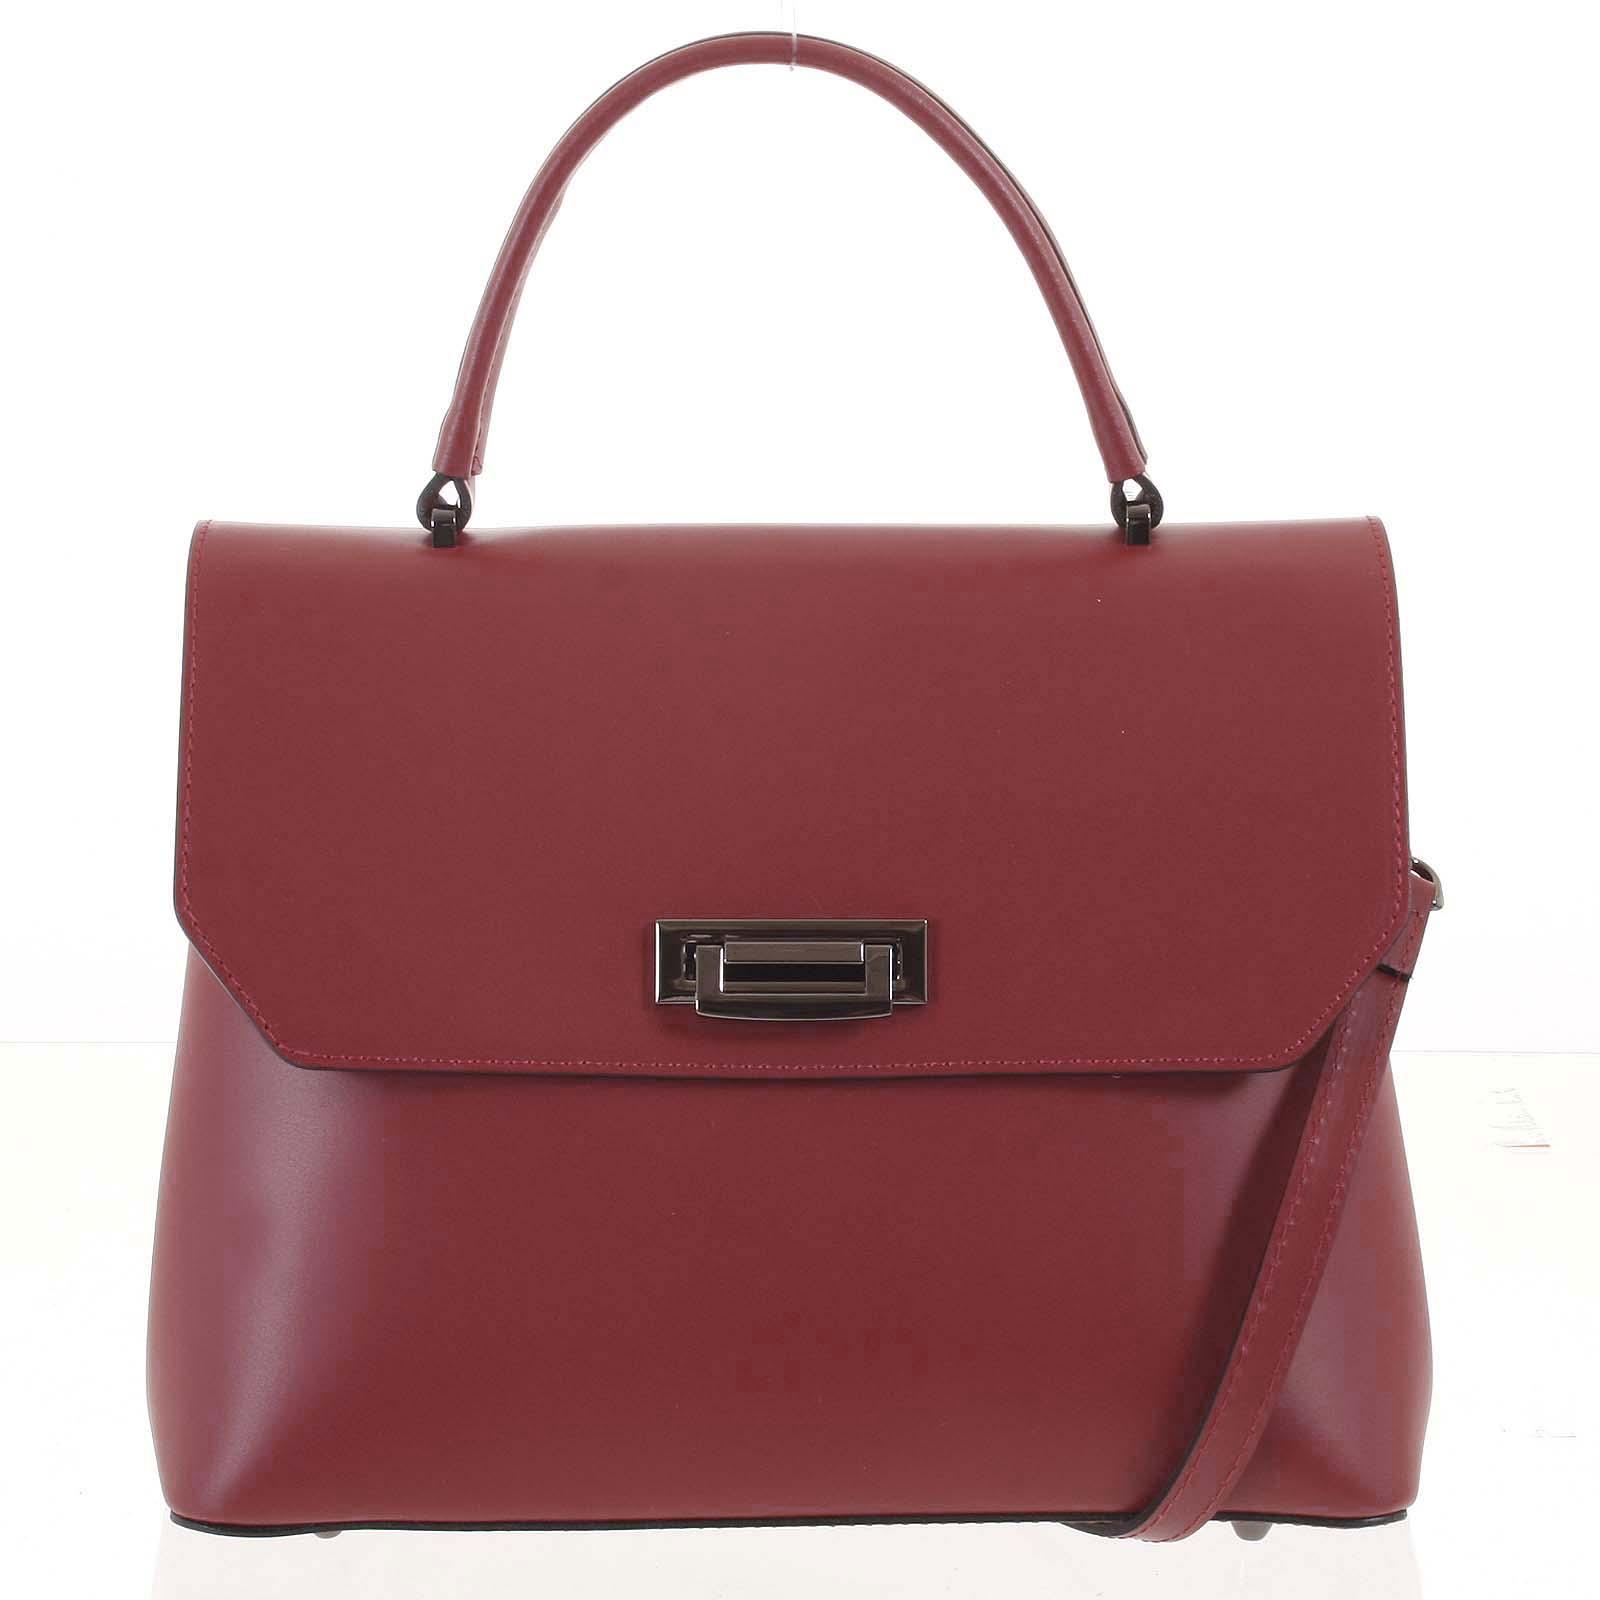 Originální hladká tmavě červená dámská kabelka do ruky - ItalY Neolila